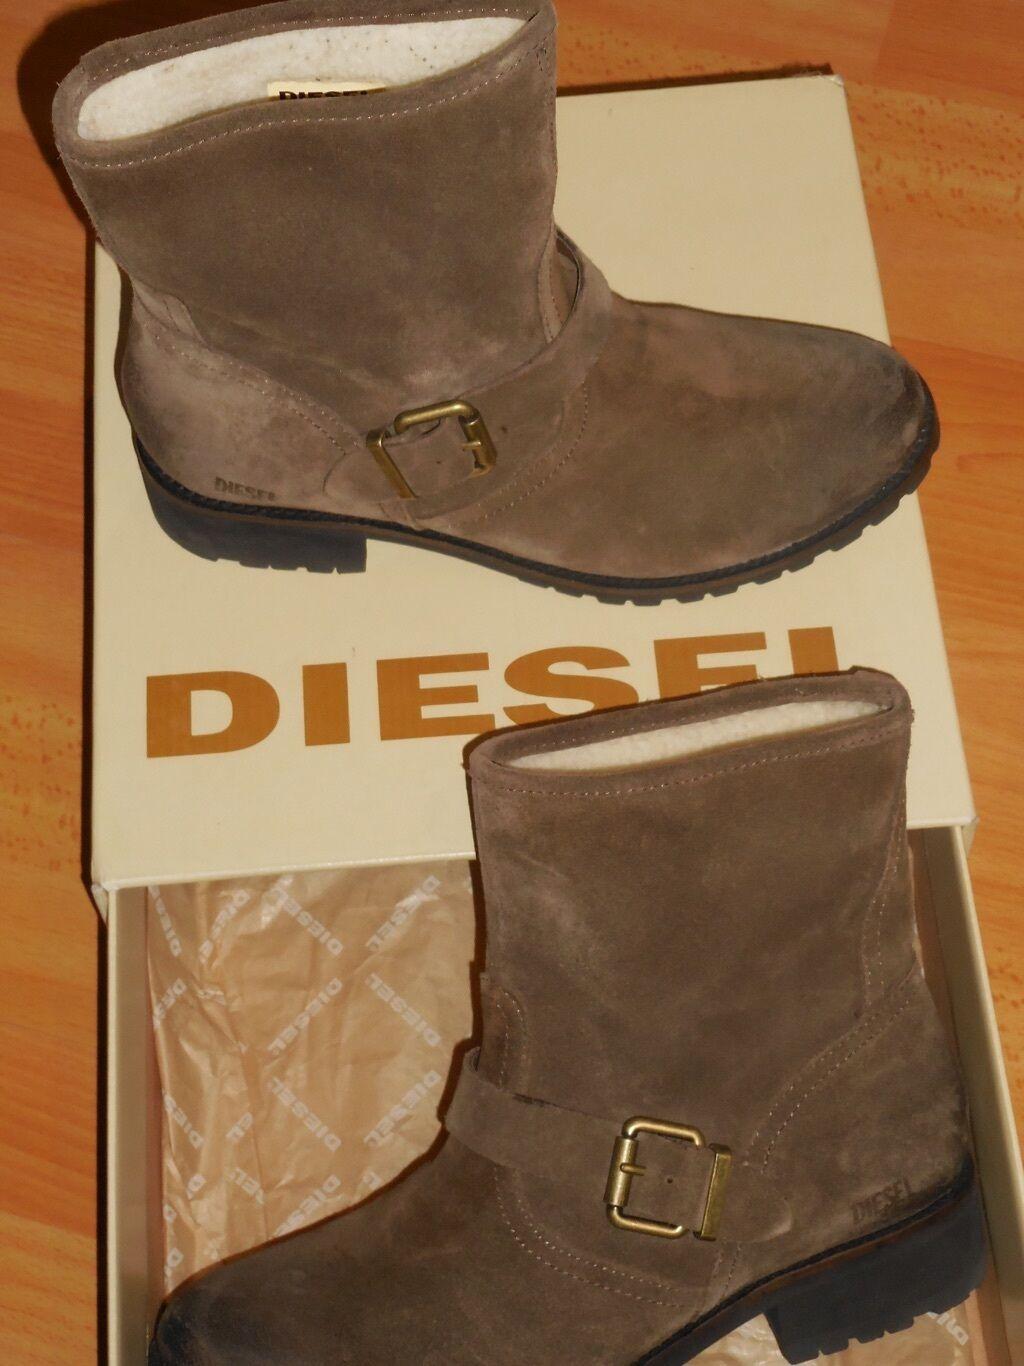 Diesel jean s stövlar läderkänga 38 -9 -9 -9 inlindad gosedy Mary  bästa valet